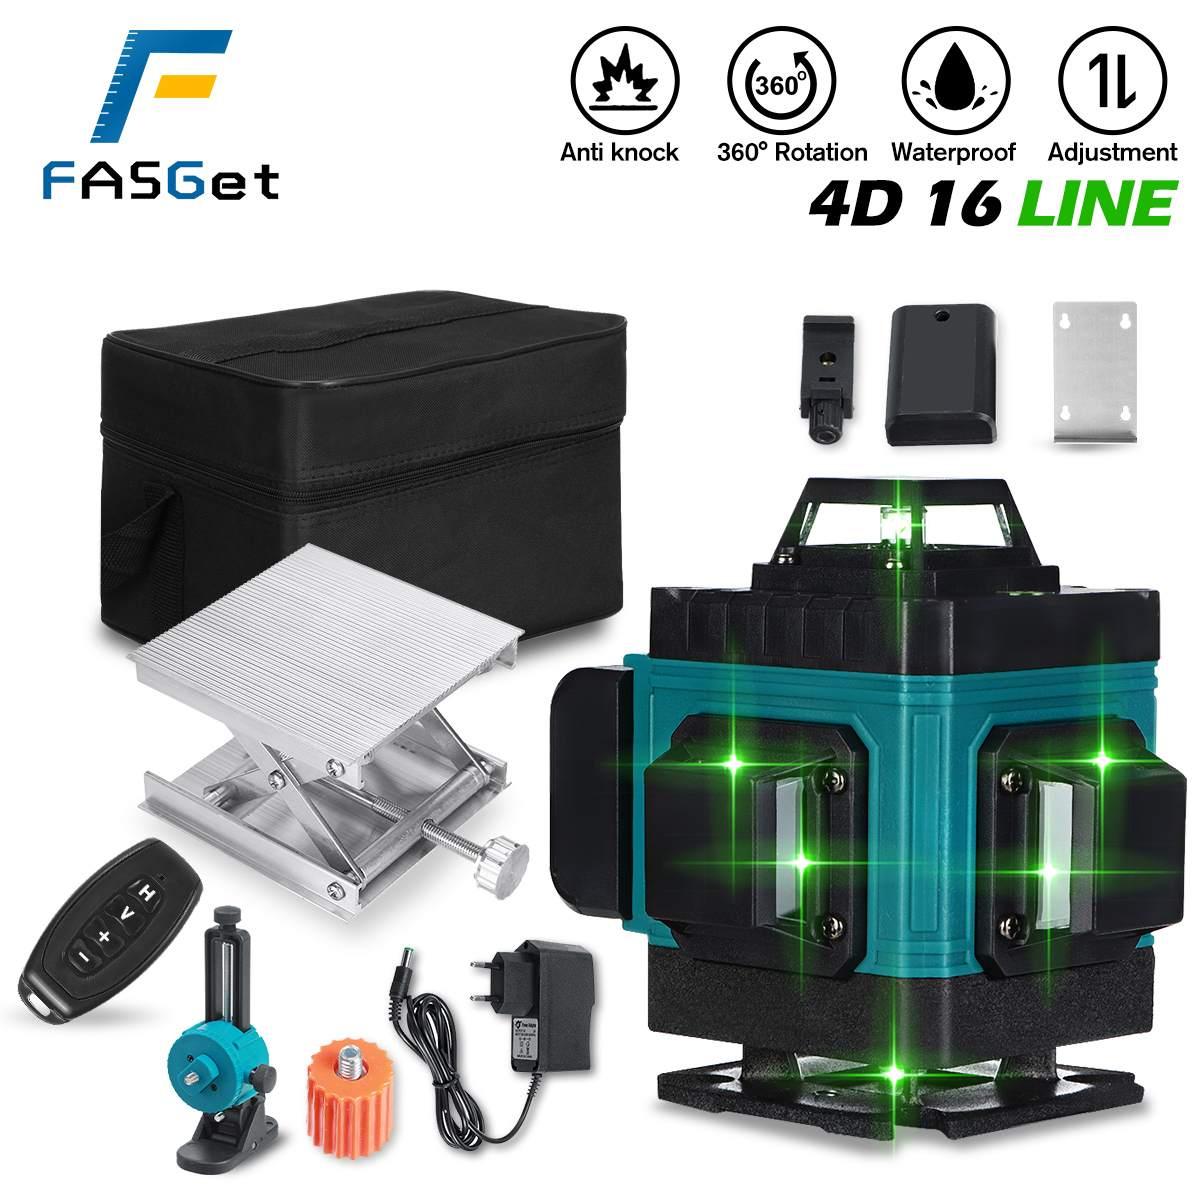 FASGet 16 Линии лазерный уровень с лазером зеленого цвета линии 4D самовыравнивающийся 360 горизонтальной линии грузило, высокое качество измере...